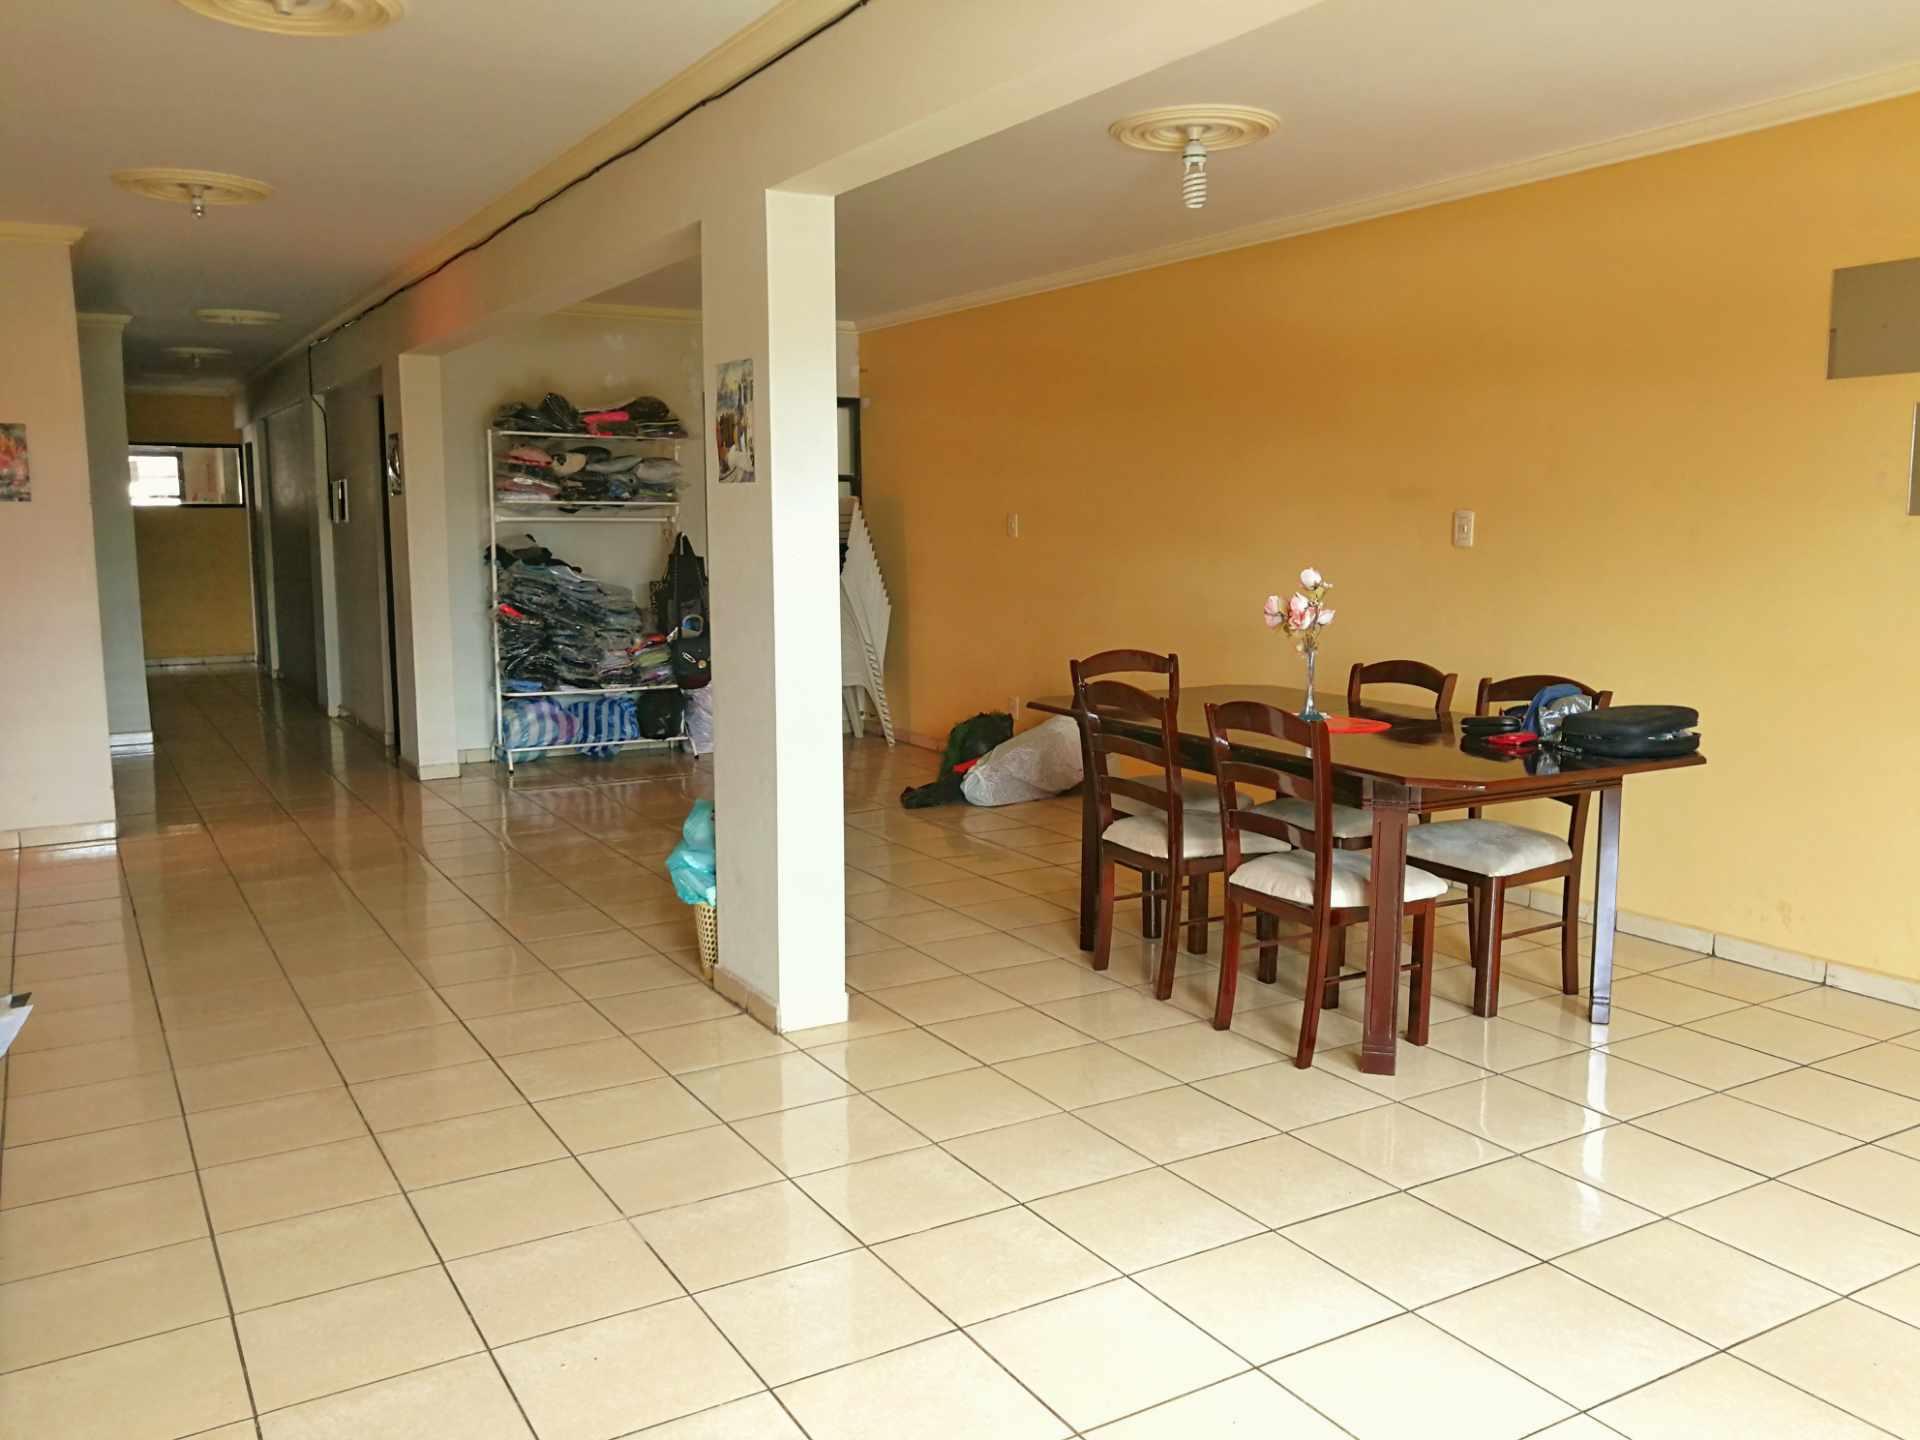 Departamento en Venta A media Cuadra Av. 2 de Agosto (Entre 5to. y 6to Anillo, Condominio Estefanía)   Foto 1